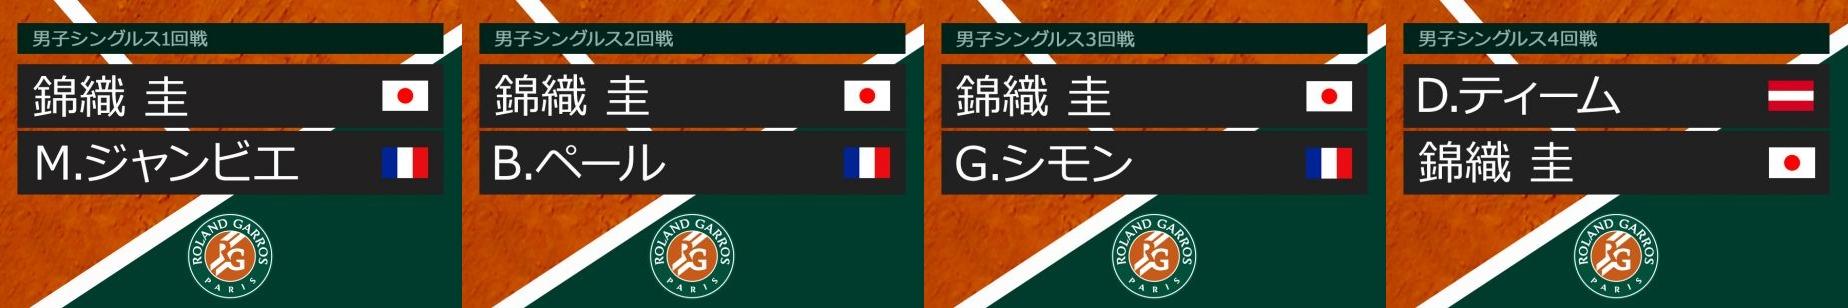 全仏オープンテニス 4試合分